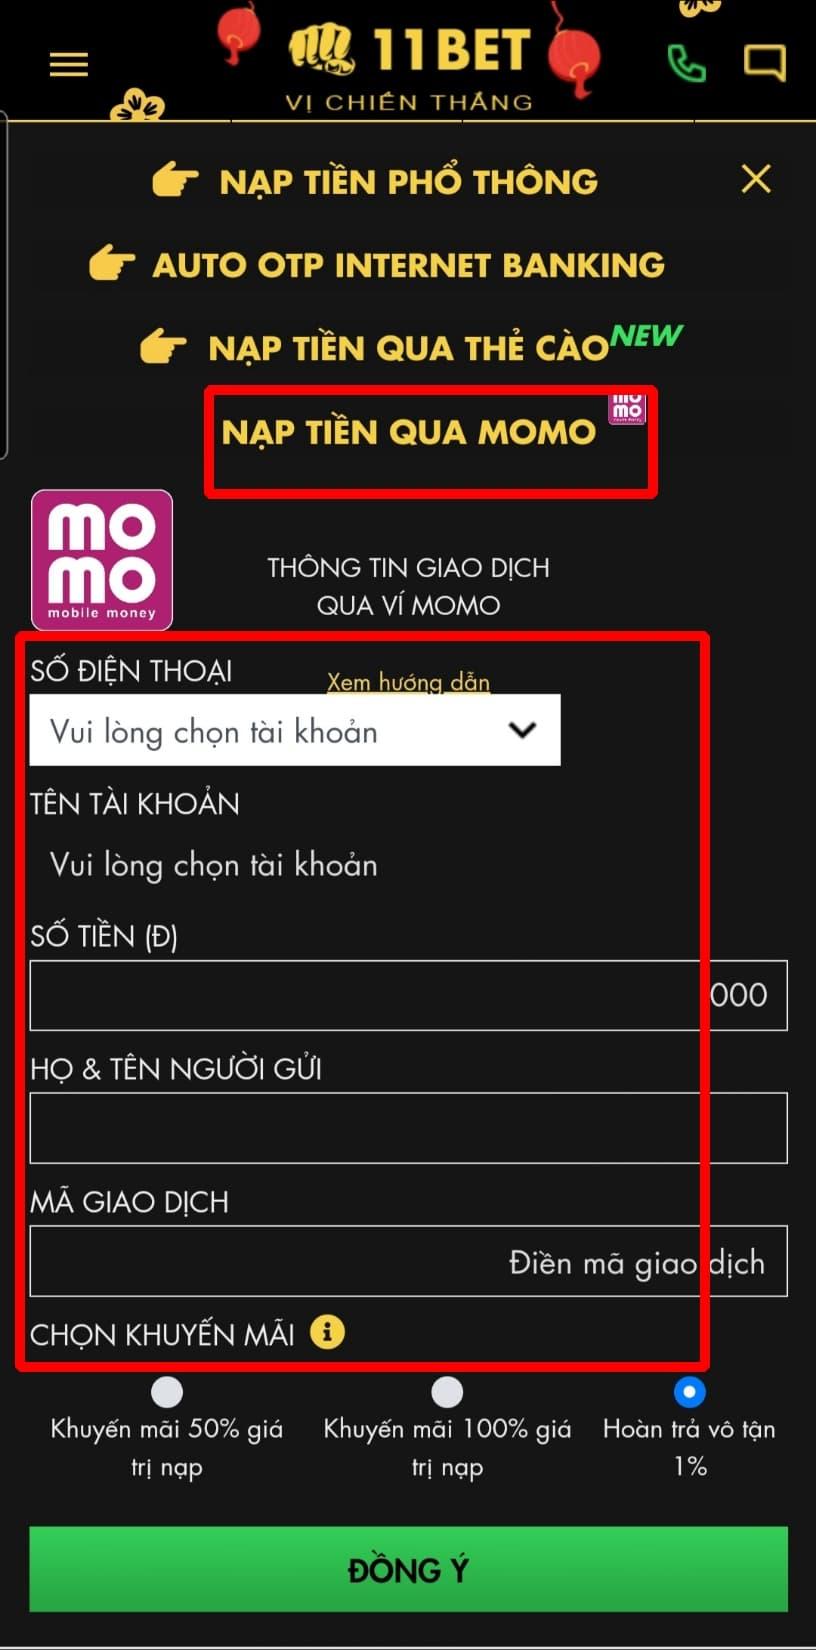 Bấm chọn NẠP TIỀN QUA MOMO, sau đó điền đầy đủ các thông tin để bắt đầu quá trình nạp tiền qua ví tiền điện tử Momo